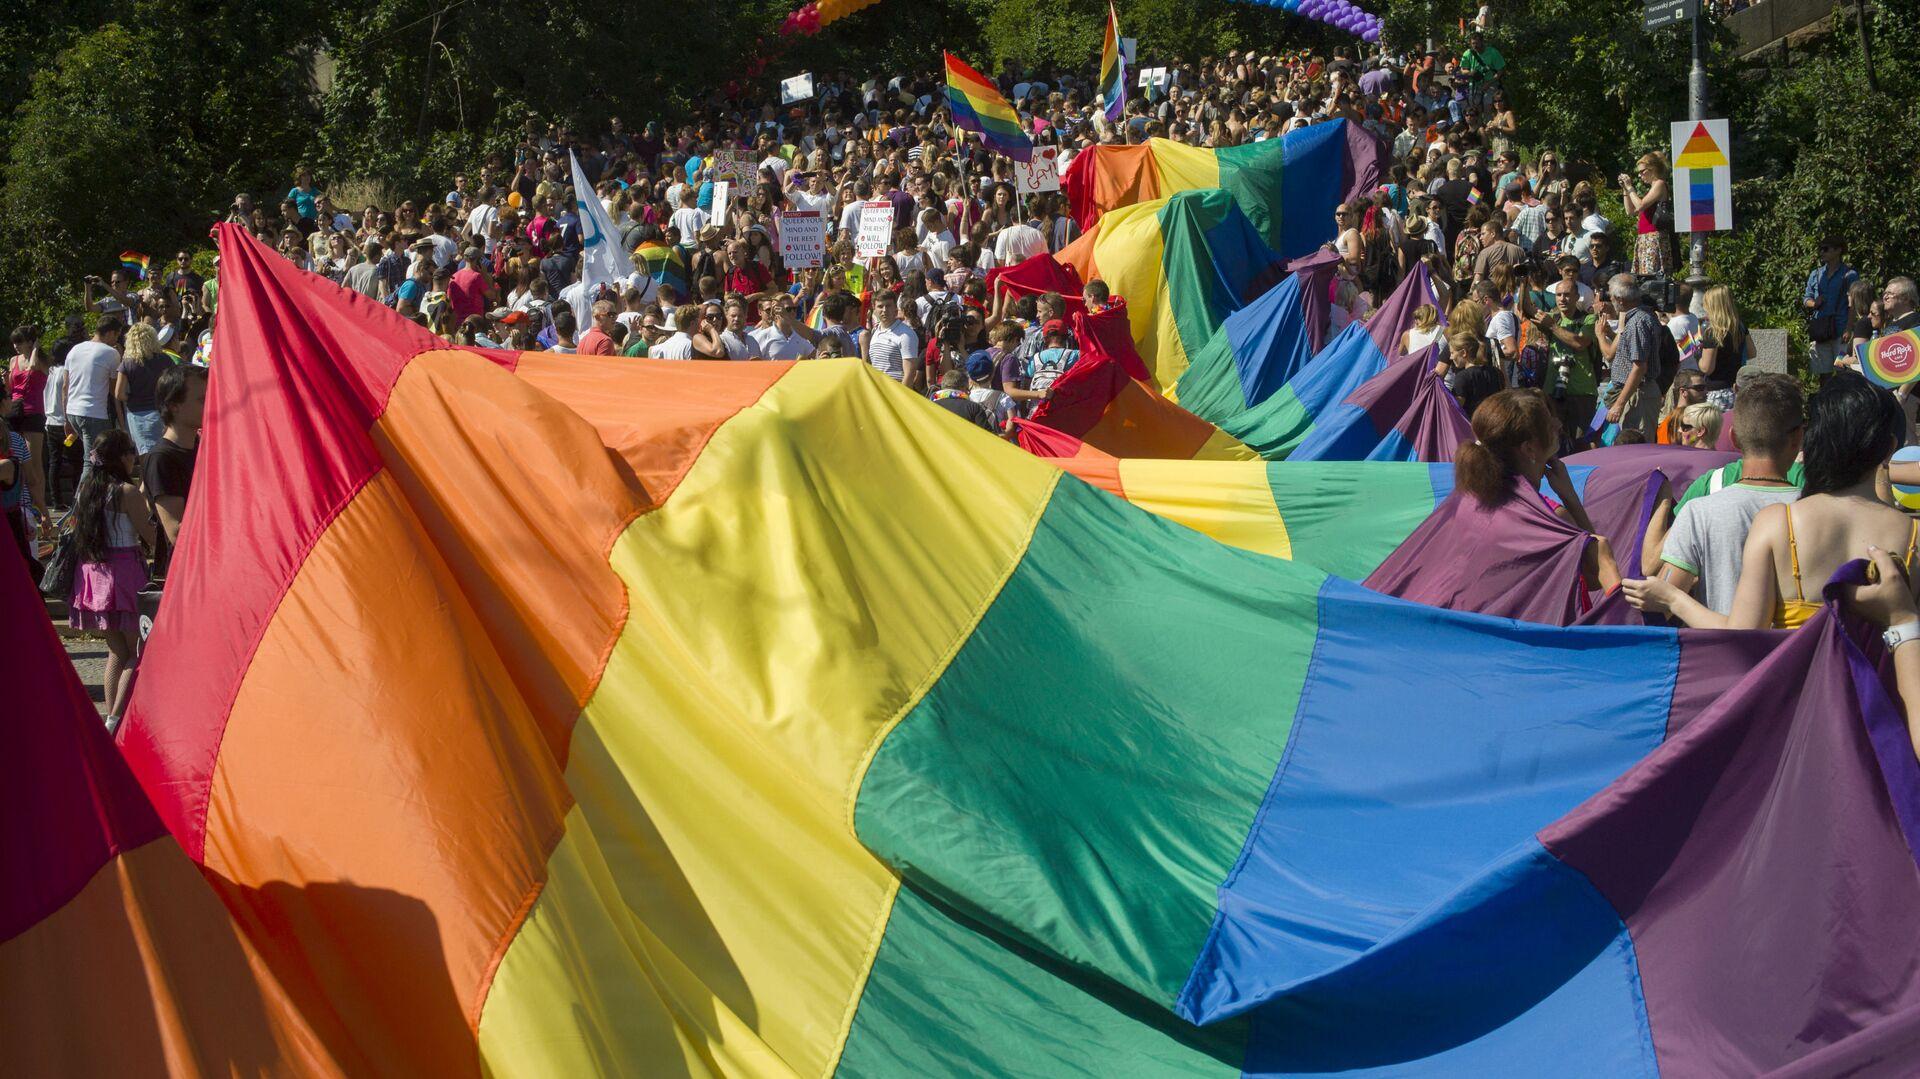 Gay Pride a Praga, Repubblica Ceca - Sputnik Italia, 1920, 01.07.2021